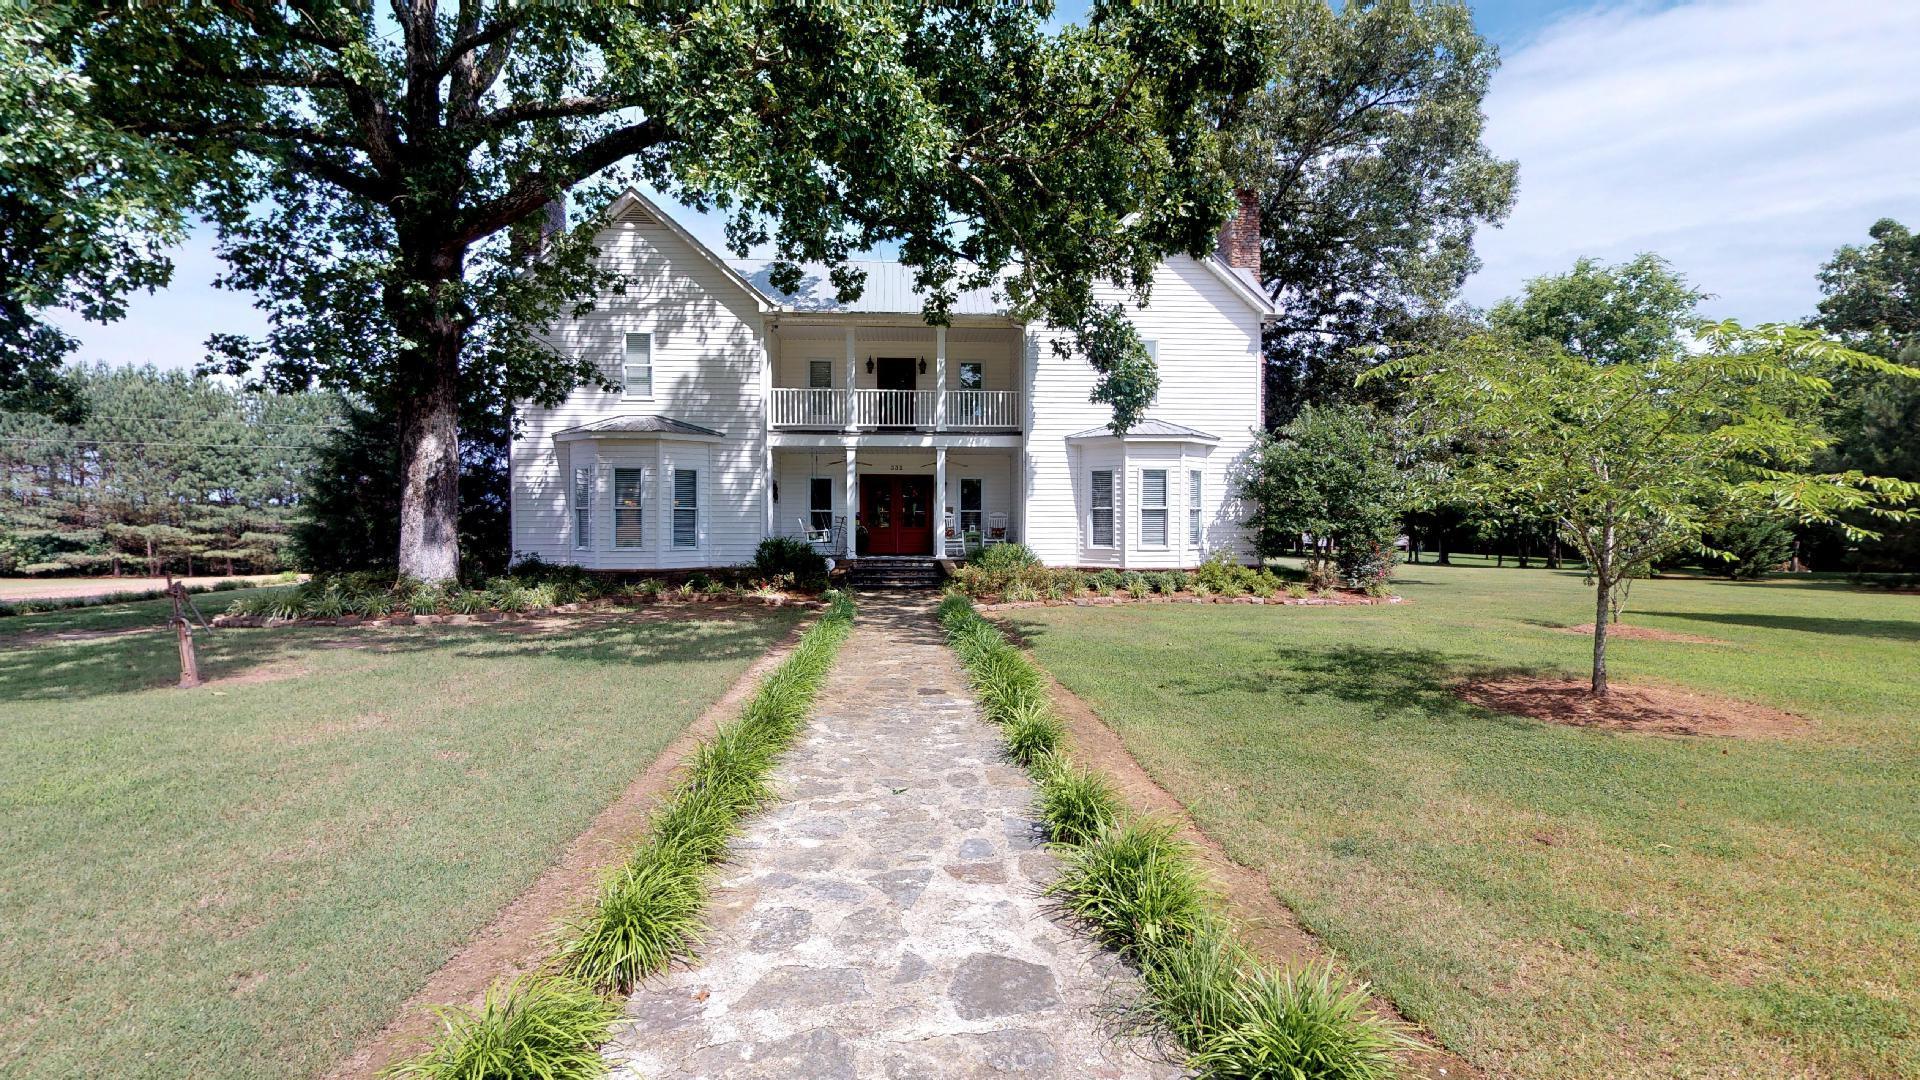 332 Horseshoe Bend Rd, Linden, TN 37096 - Linden, TN real estate listing